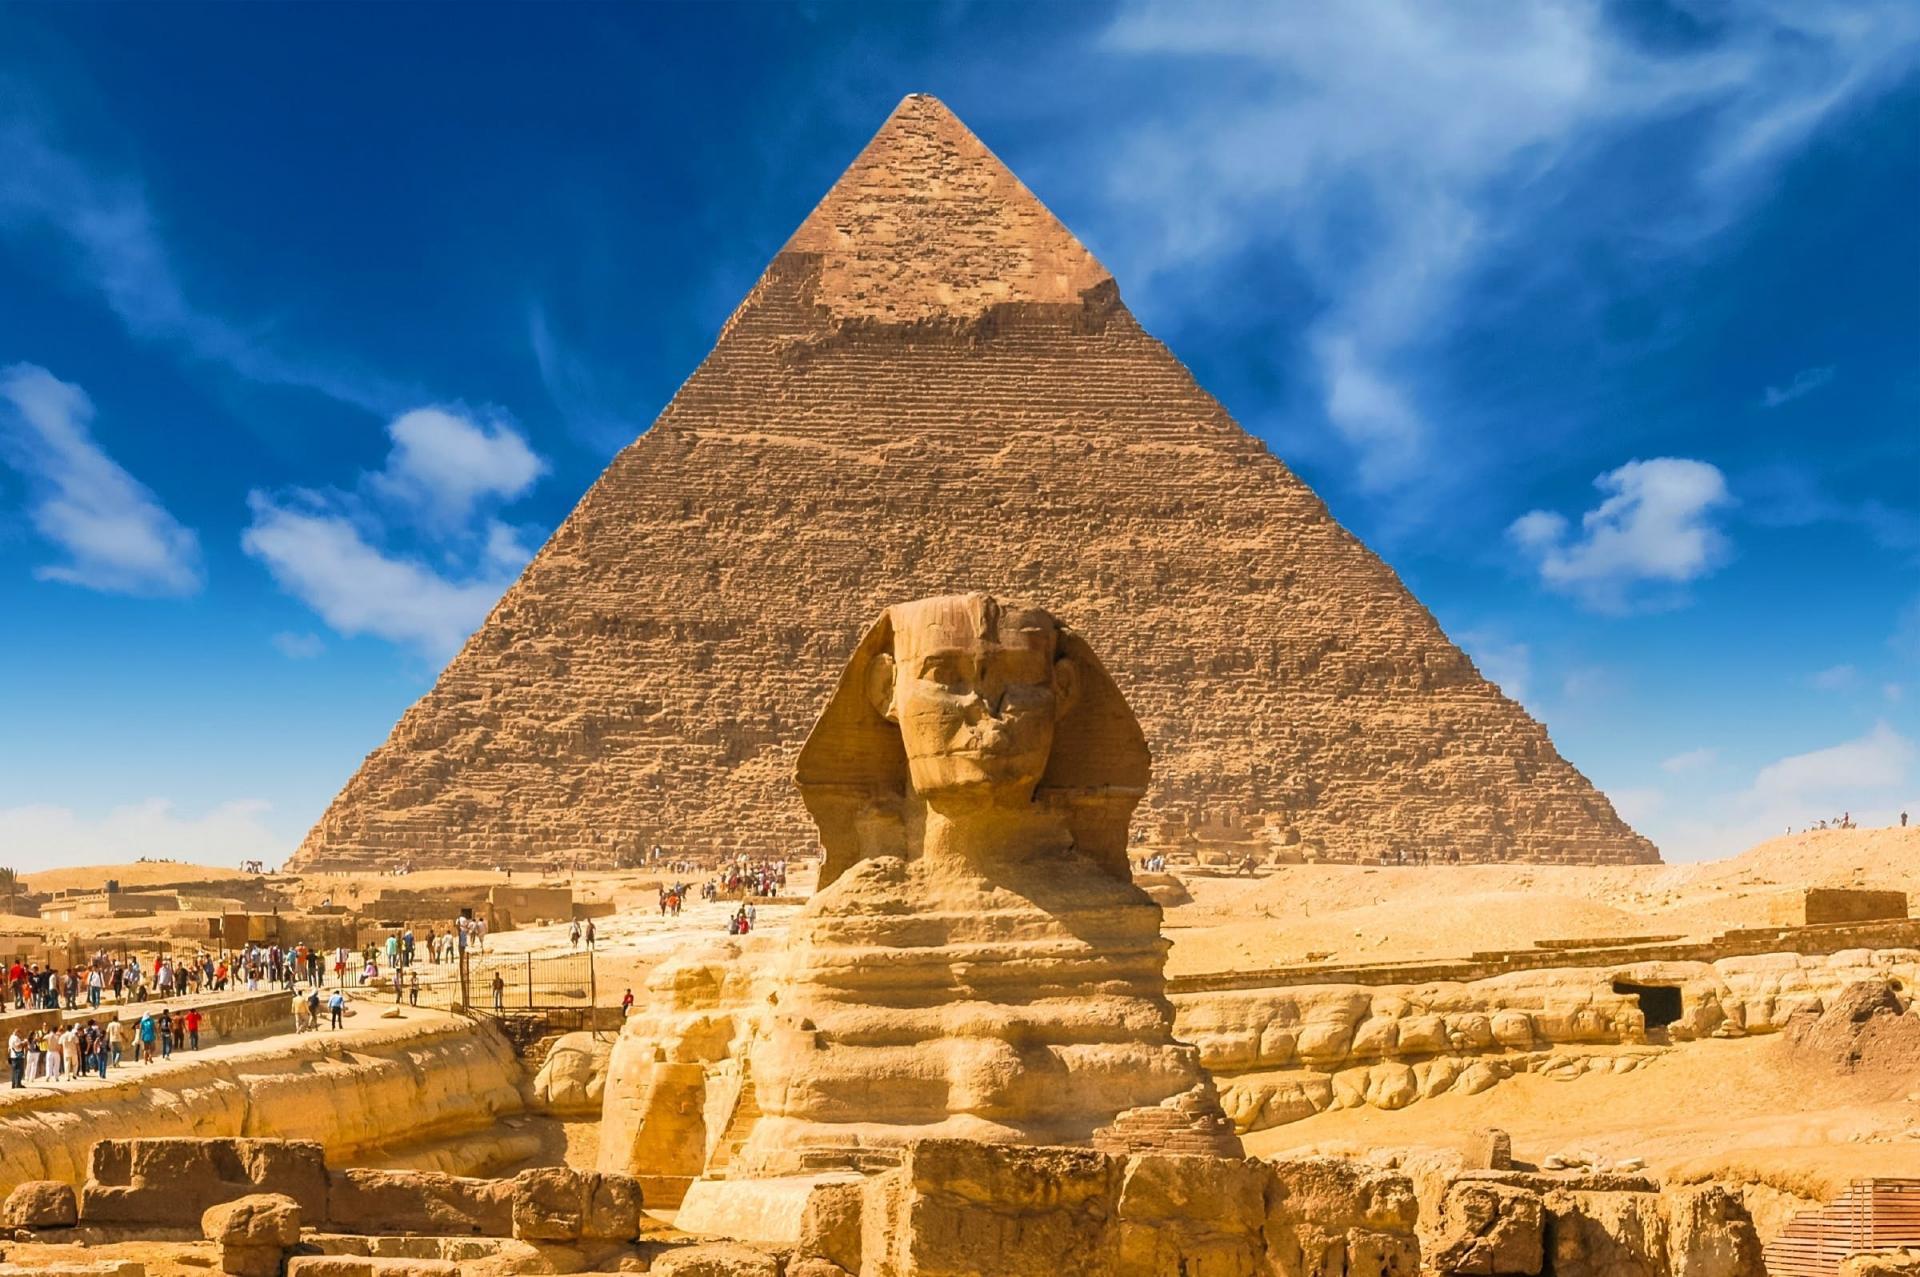 Kim tự tháp nhiều bí ẩn và lớn nhất Ai Cập cổ đại